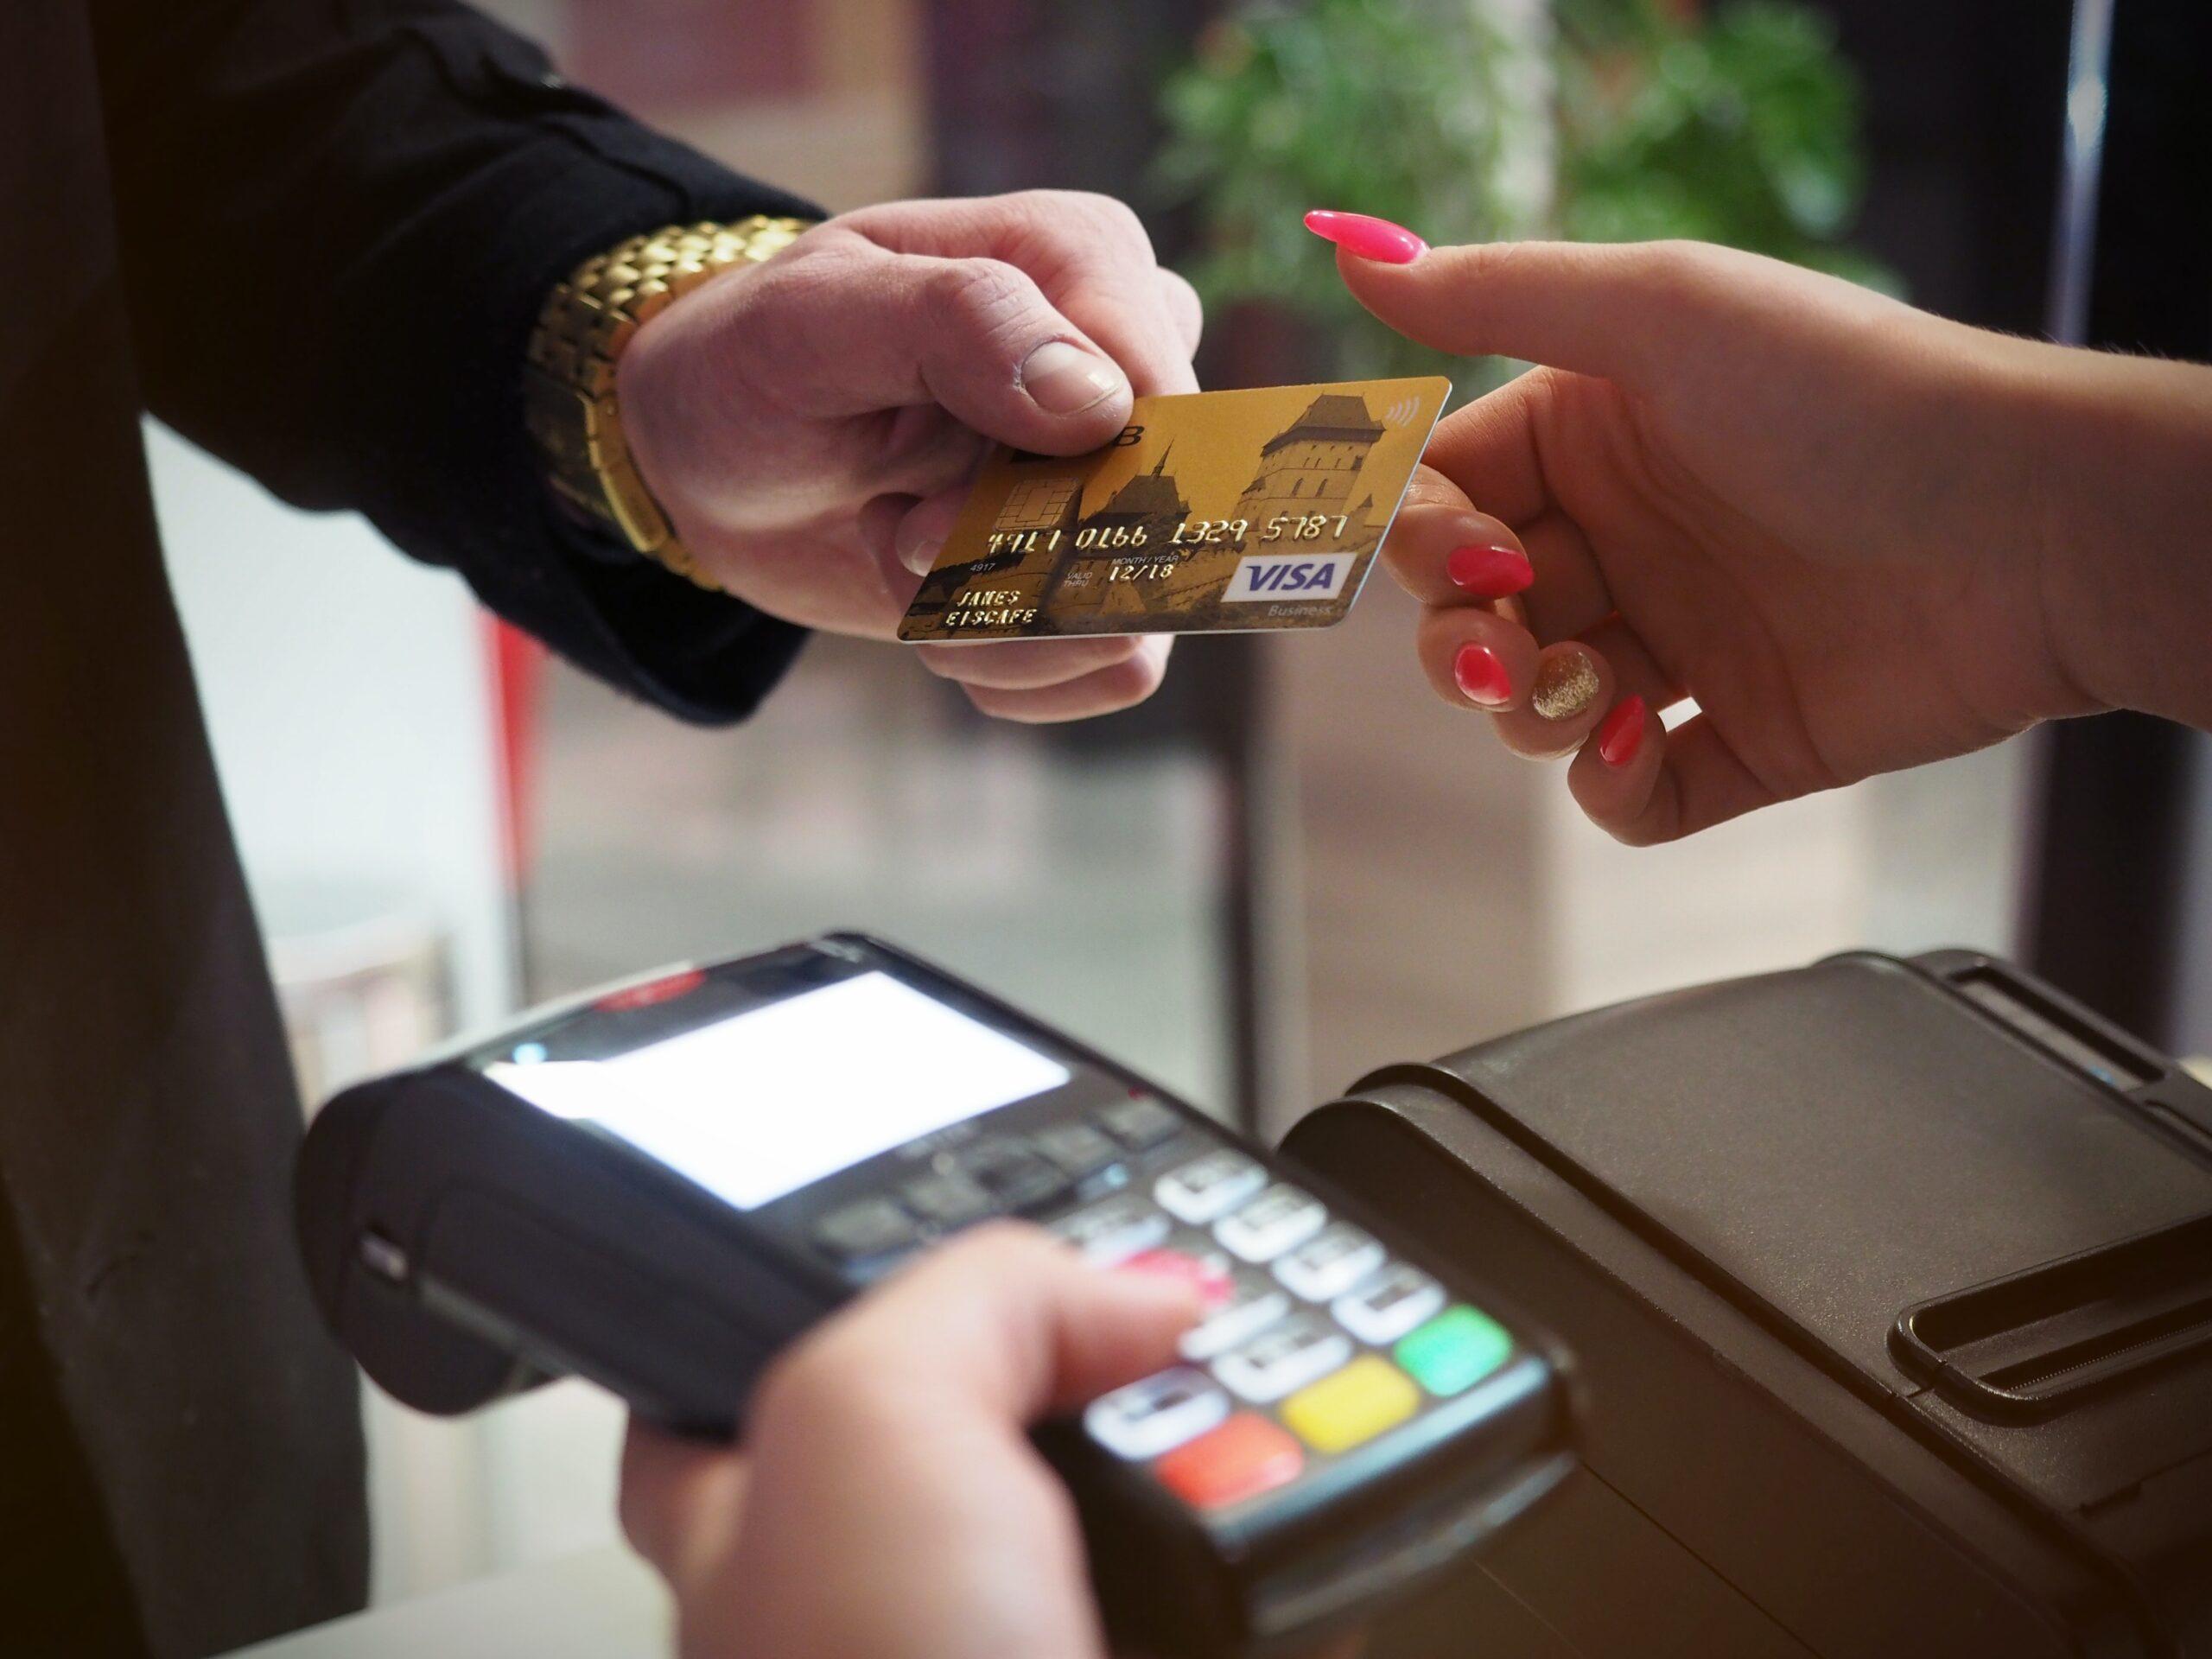 หยุดใช้บัตรเครดิตเกินความจะเป็น